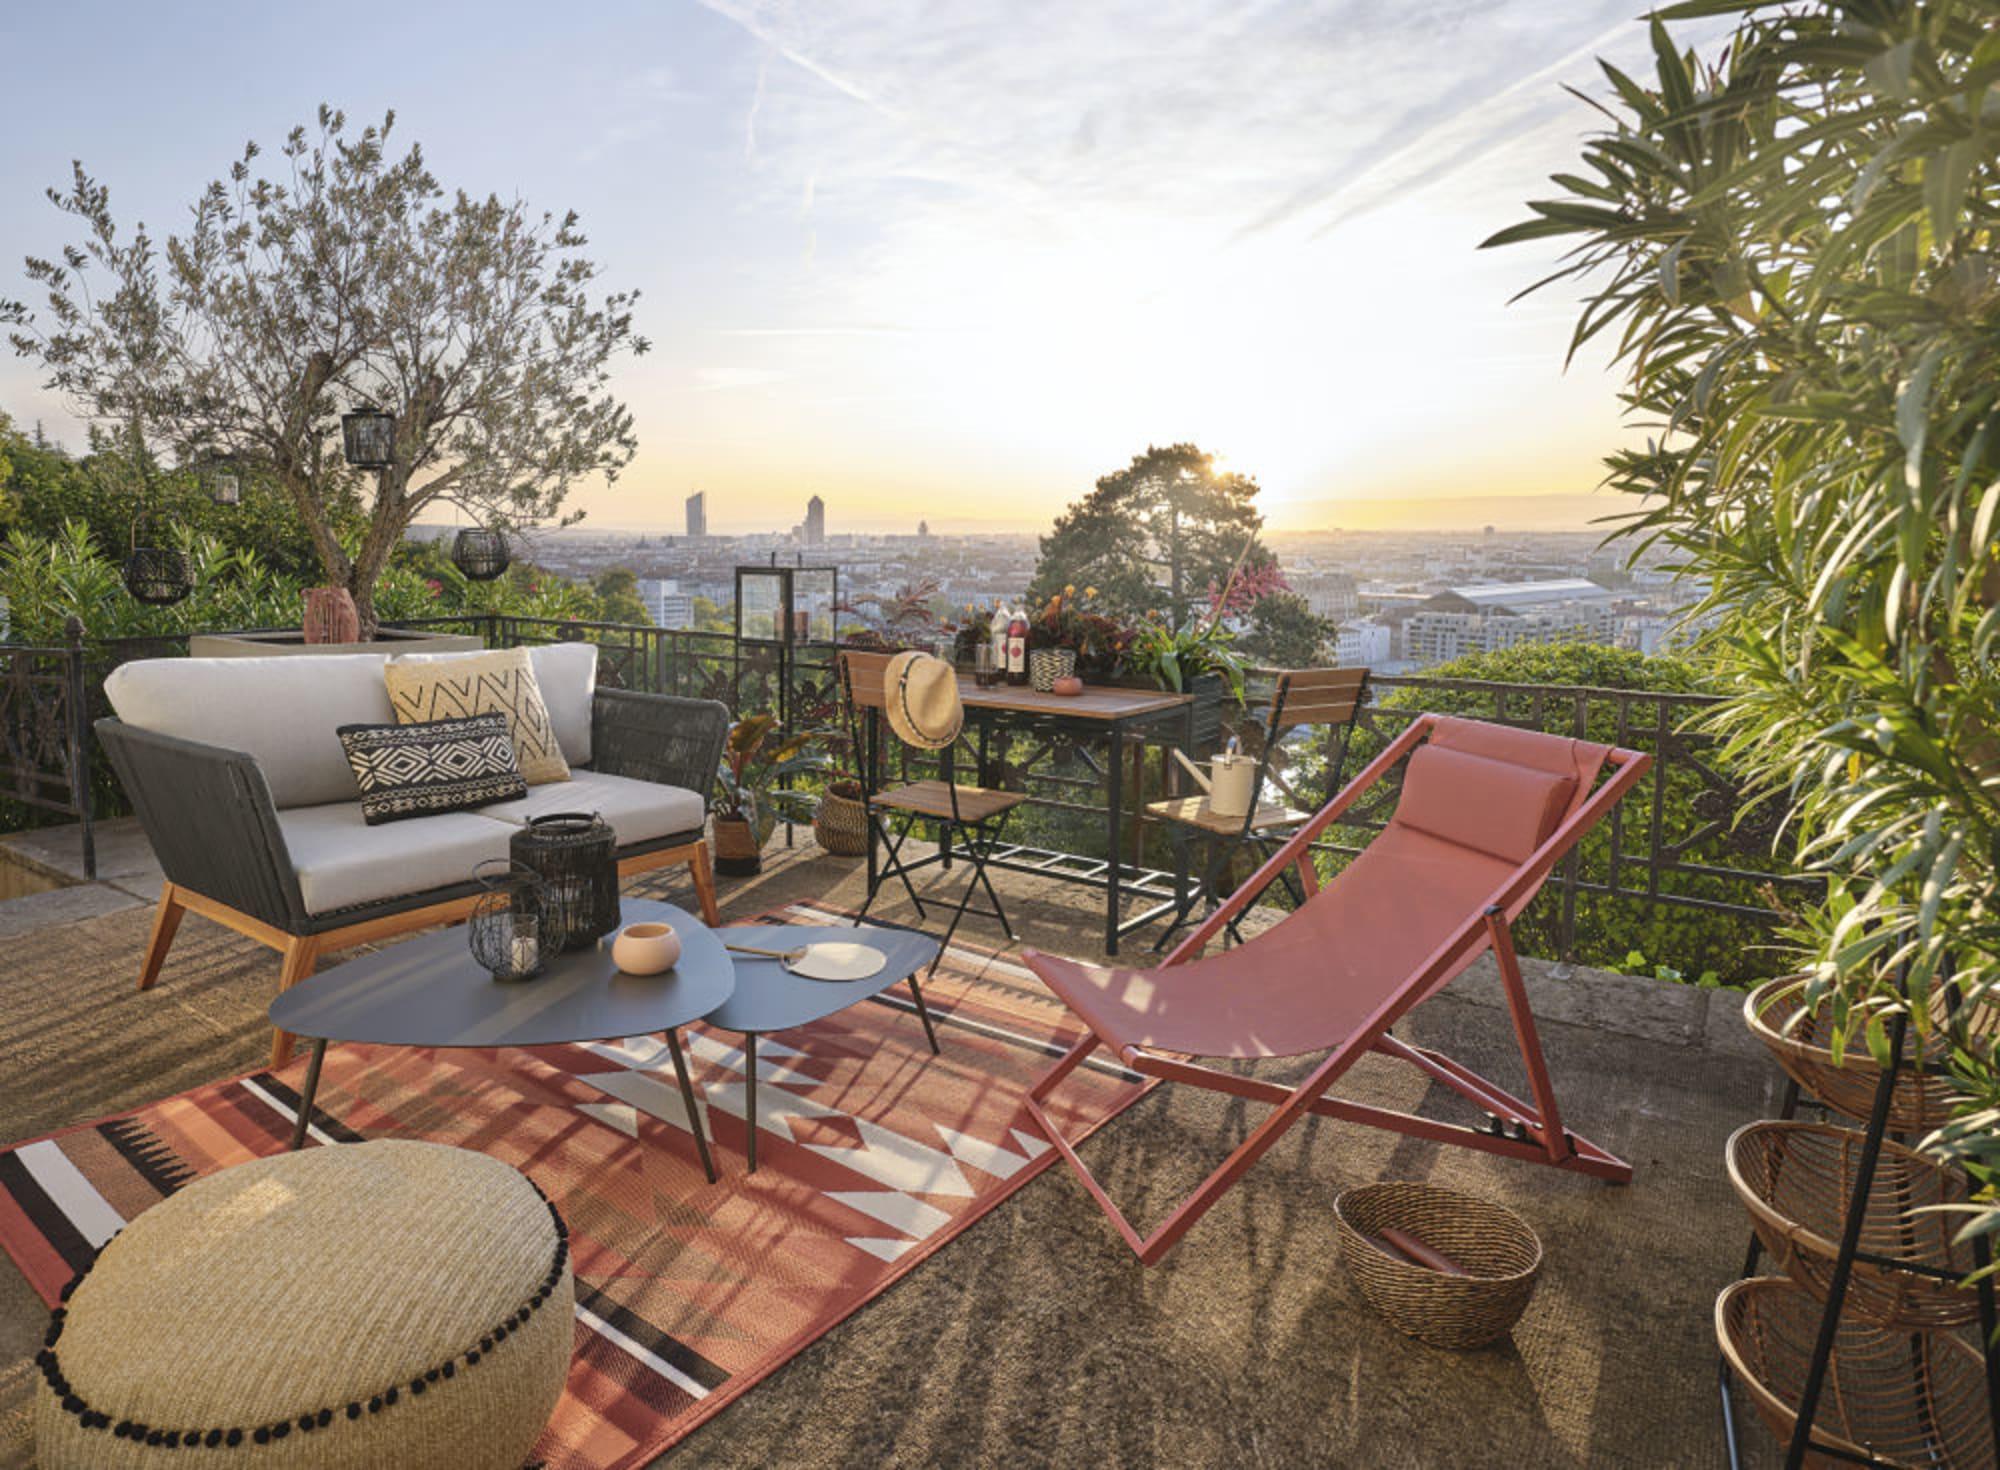 Maison Du Monde Terrazzo arredare terrazzo low cost: 10 soluzioni pratiche | diredonna